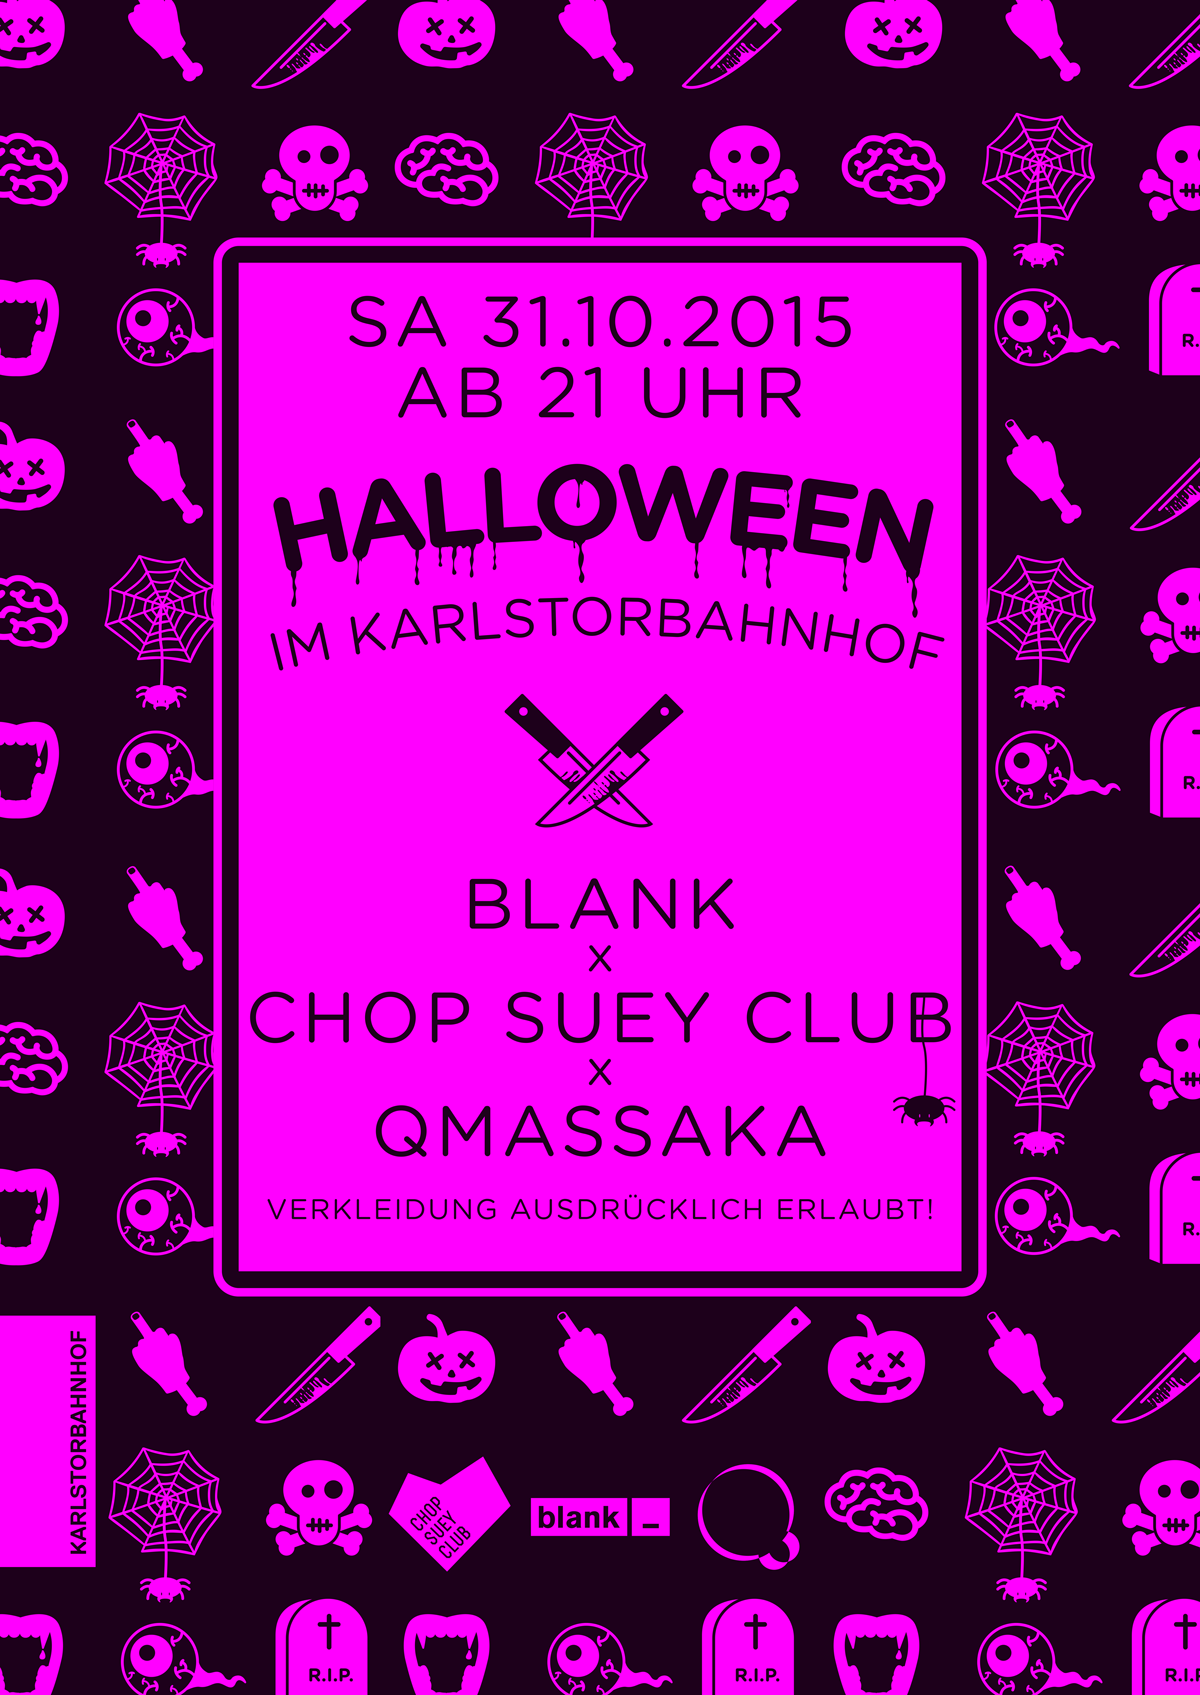 Halloween Party mit QMassaka Blank und Chop Suey Club im Karlstorbahnhof Heidelberg